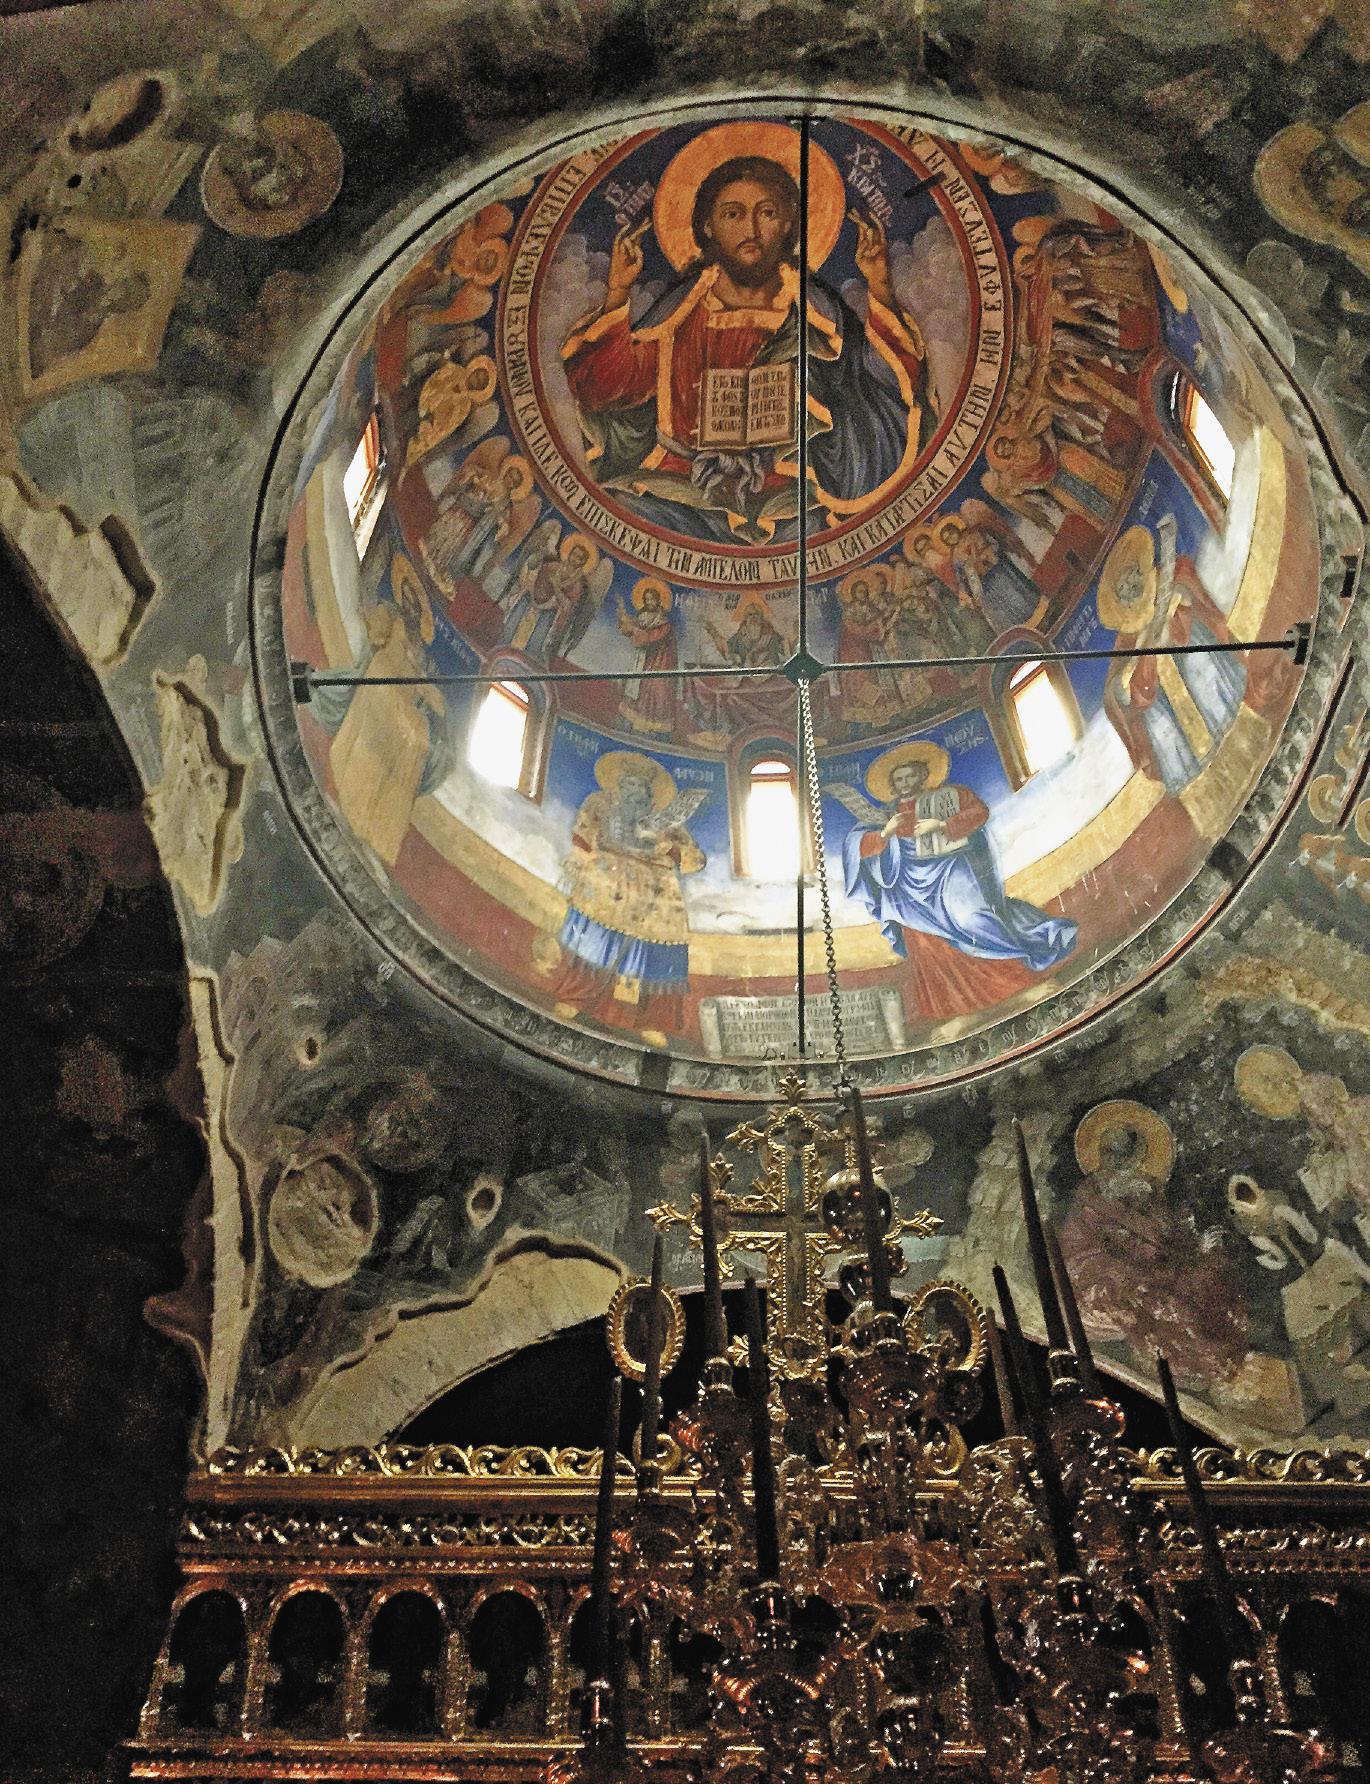 В храме монастыря Преподобного Никанора, относящемуся к 16 веку, поражает красота фресок и богатство внутреннего убранства.